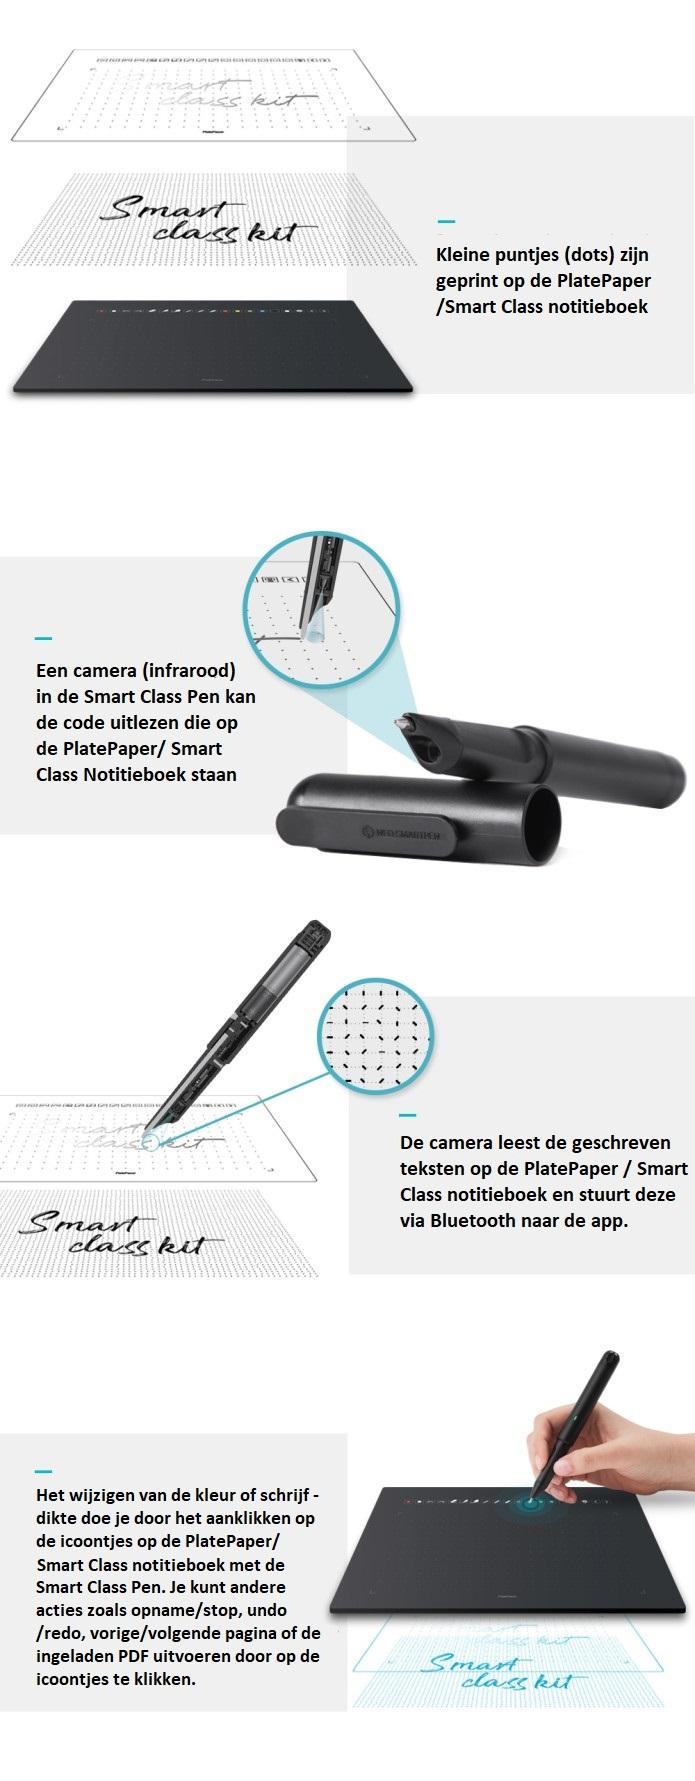 Uitlef technology